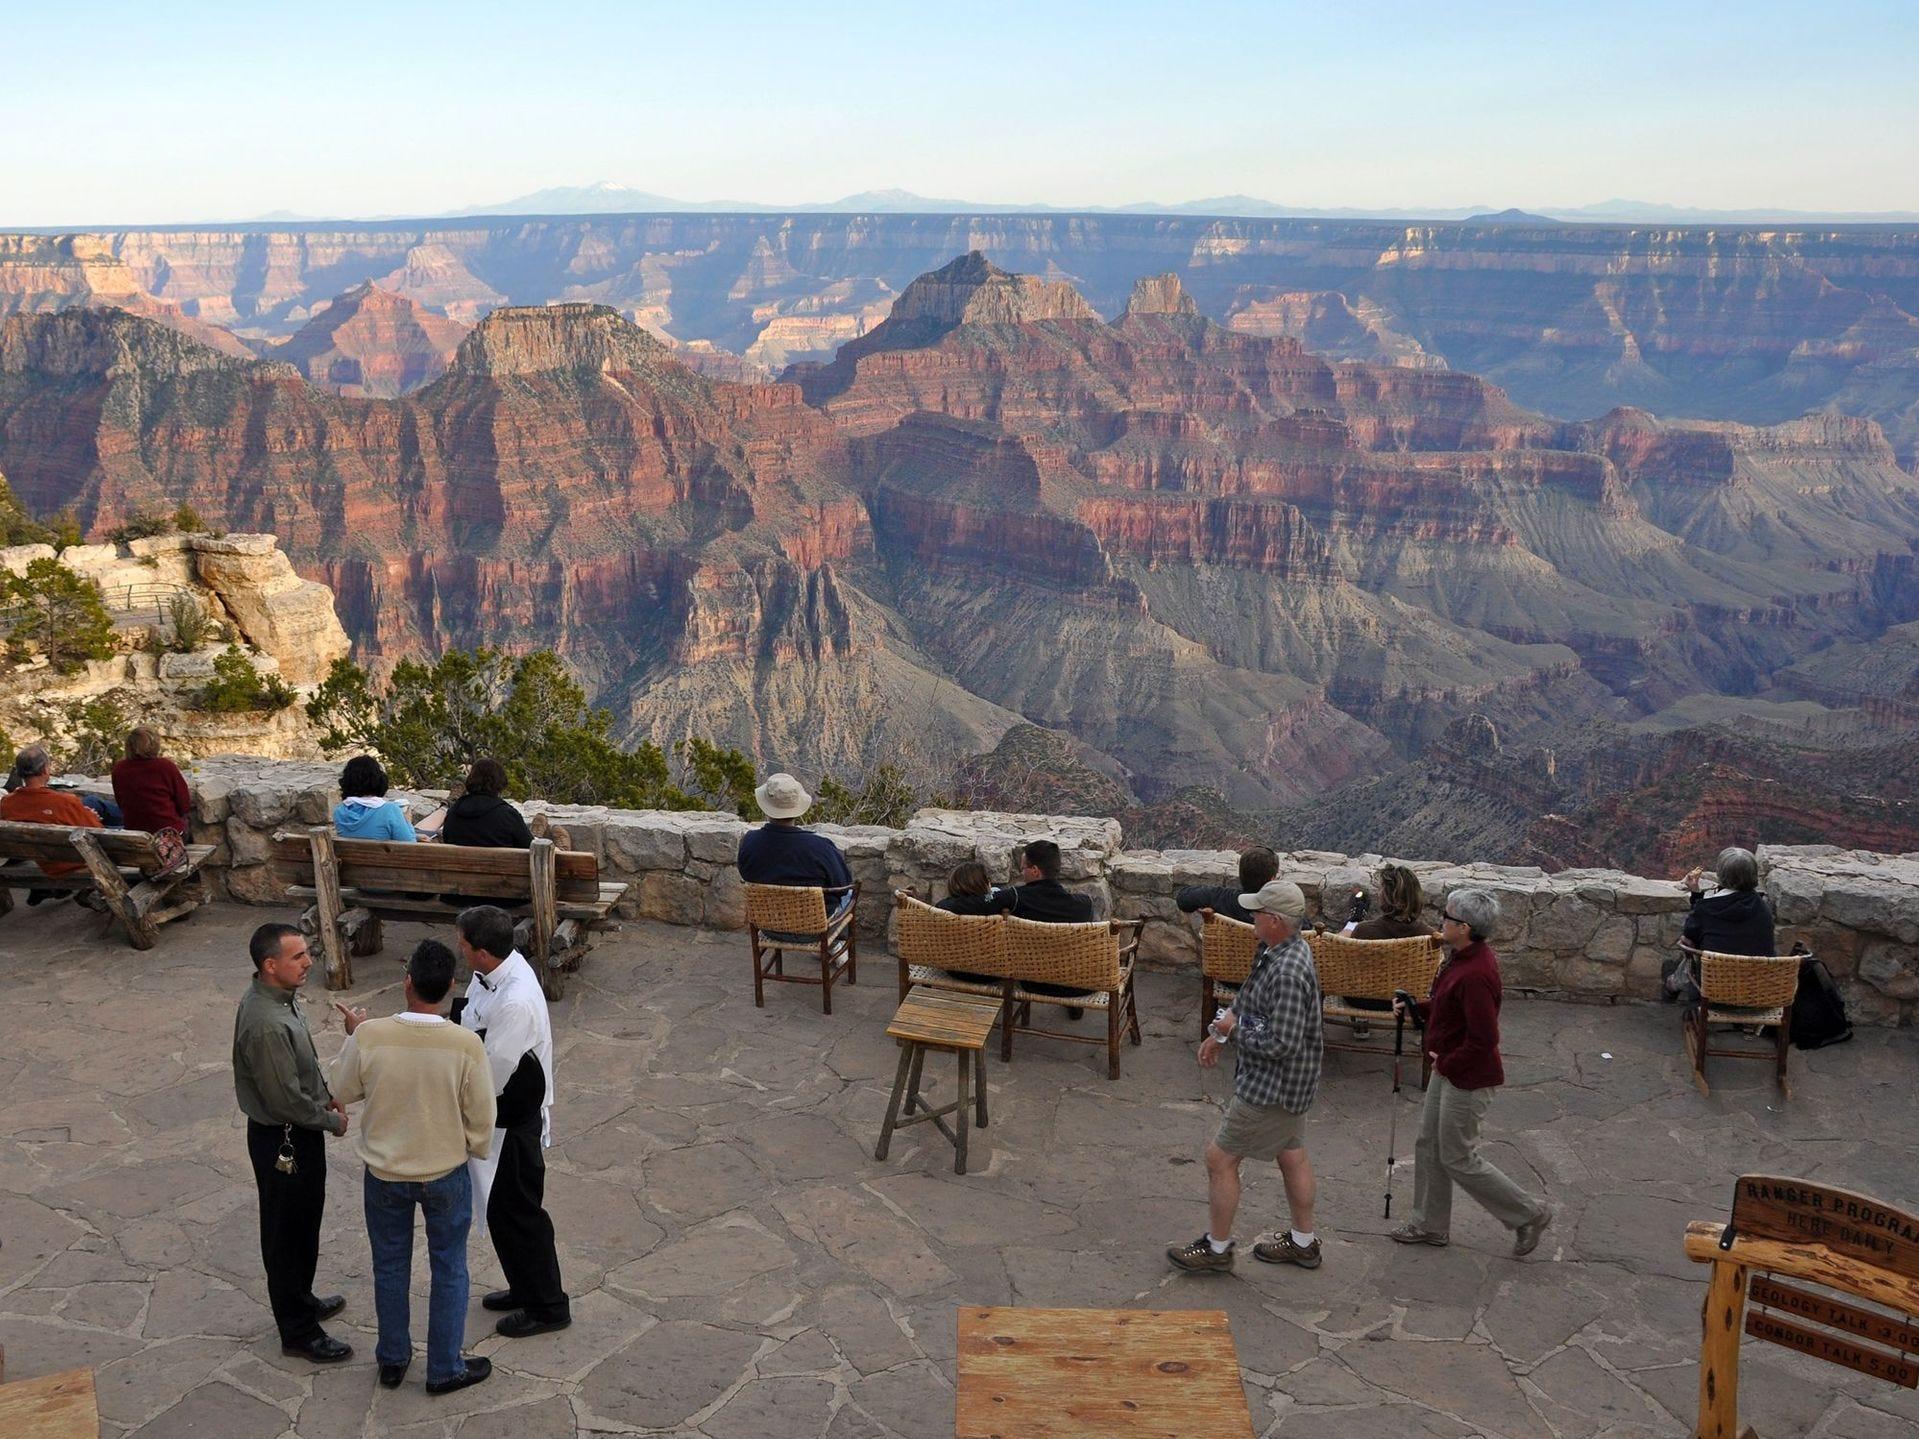 La vista desde el patio en el Grand Canyon Lodge en el borde norte del Gran Cañón. El albergue cierra el 15 de octubre para el invierno, reabriendo el 15 de mayo.